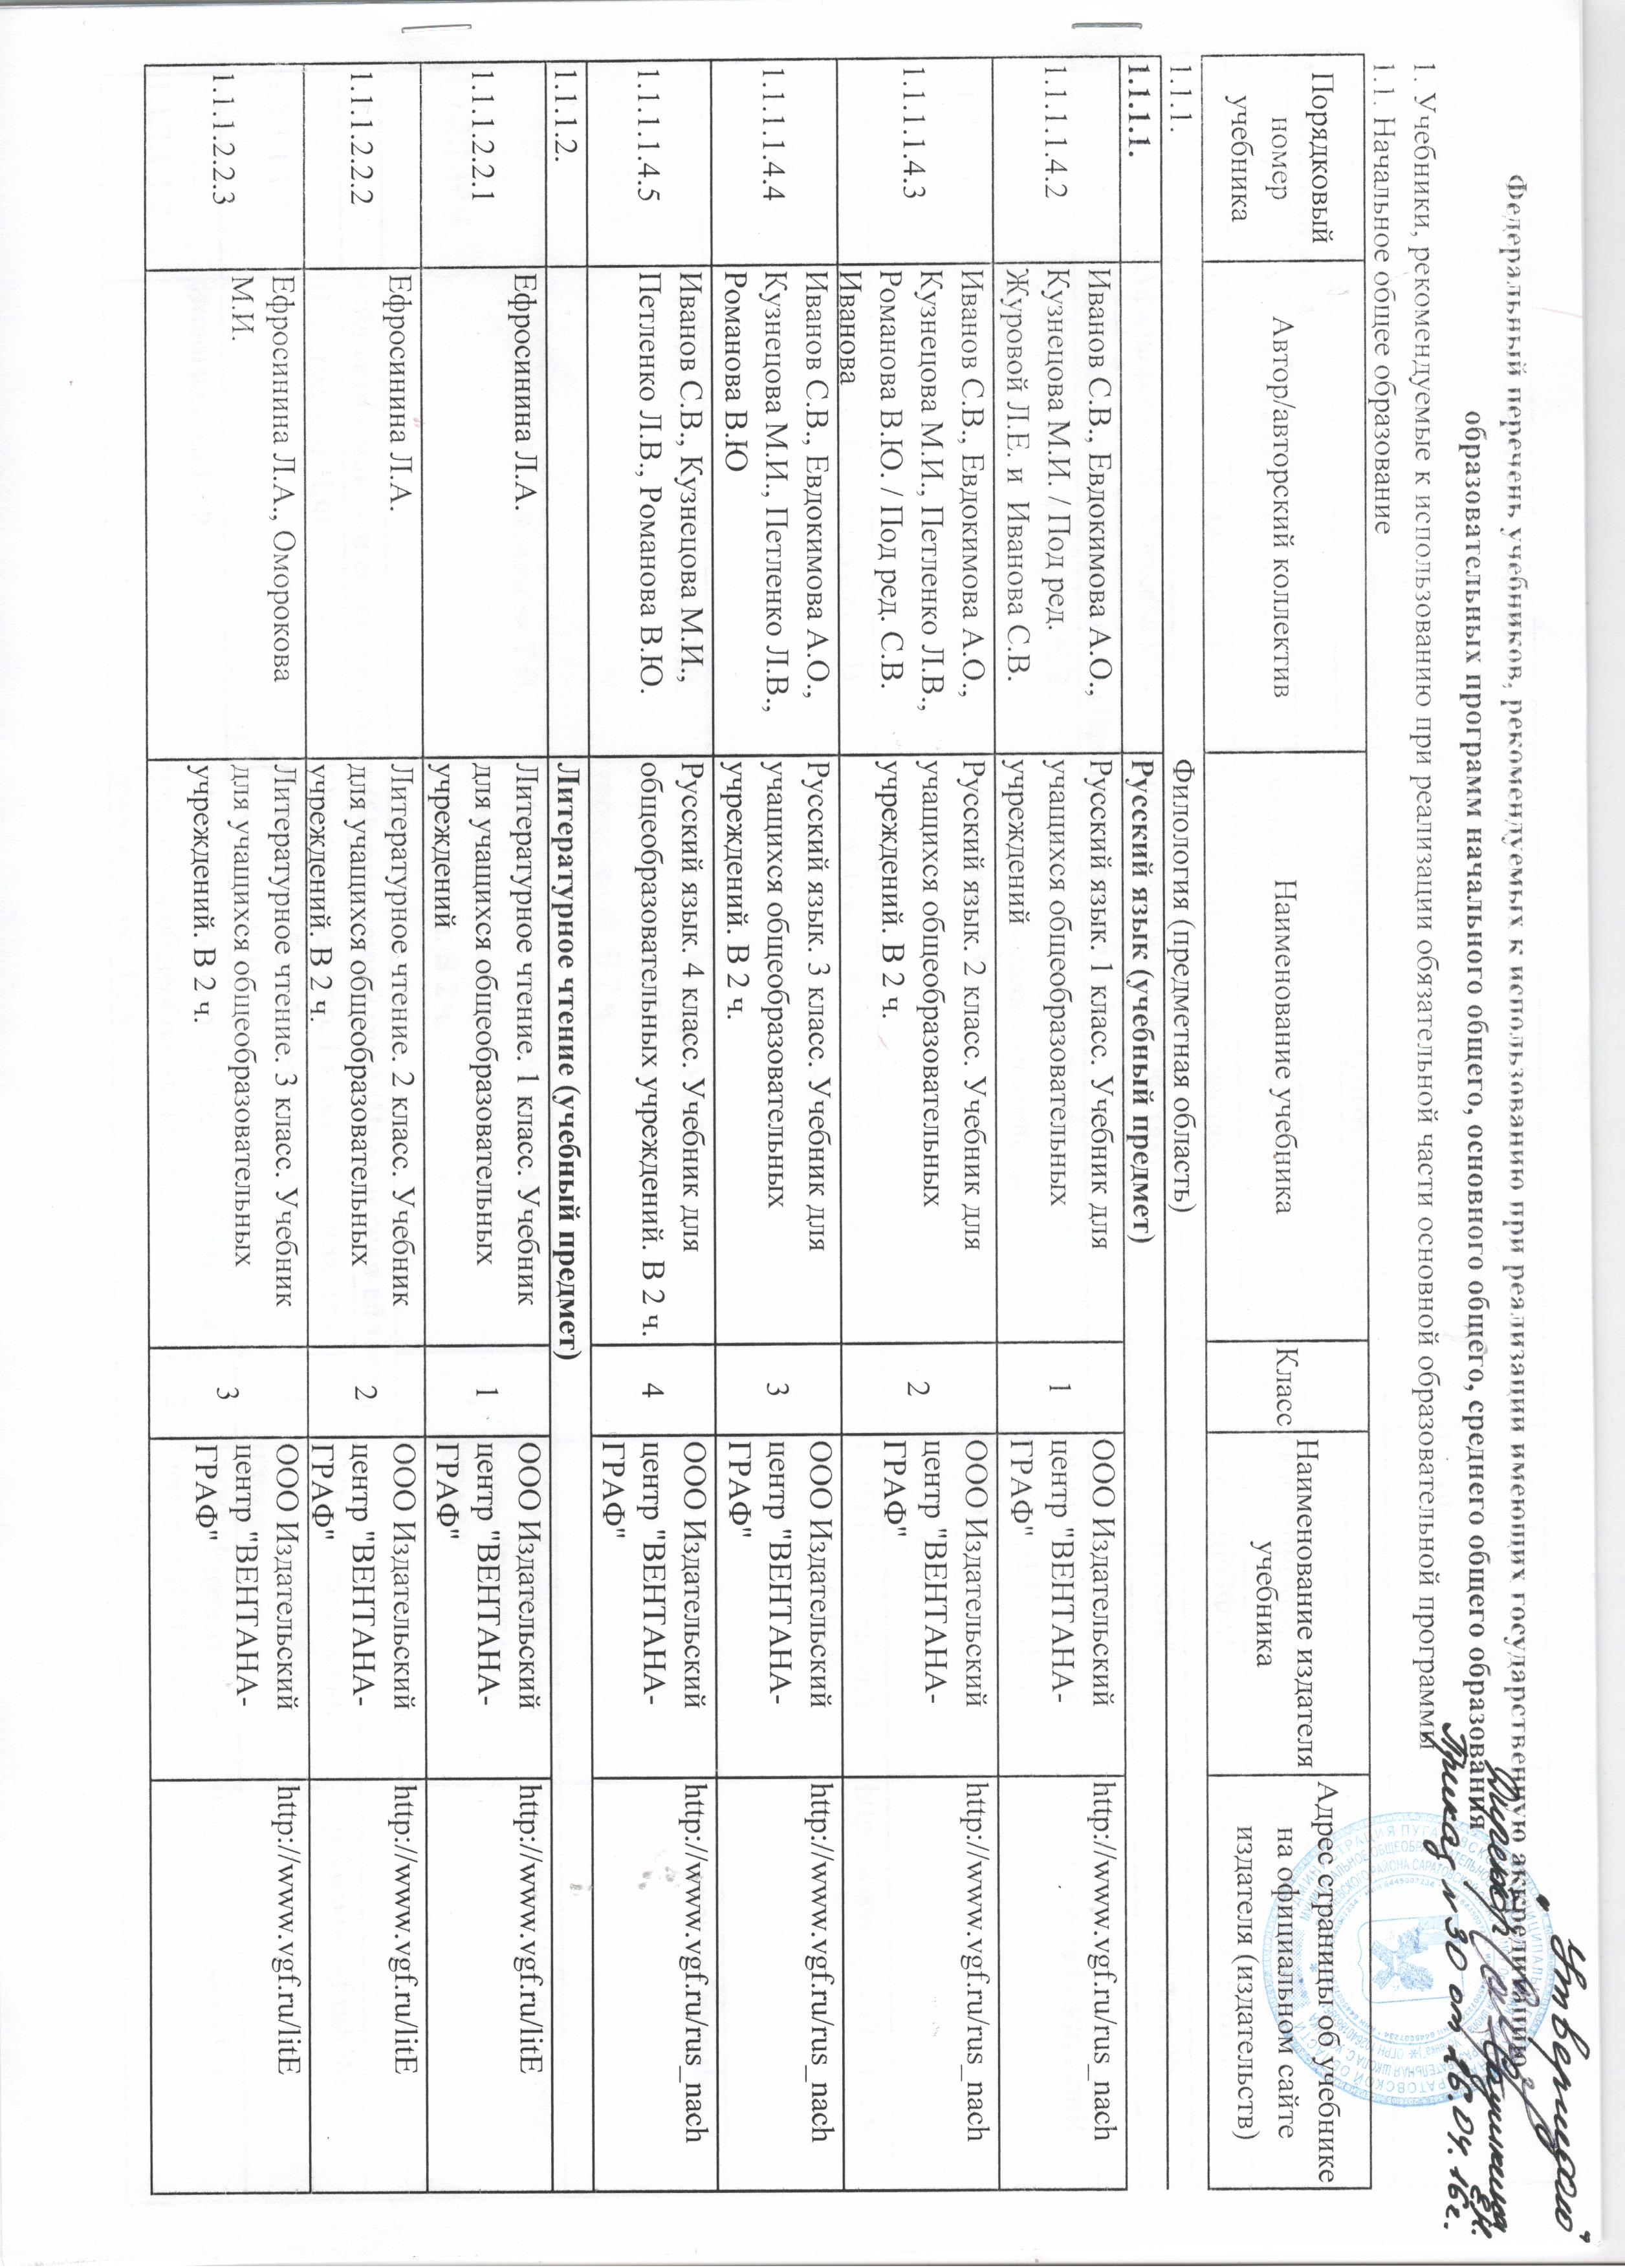 Федеральный перечень учебников на 2011 11 учебный год утвержденный